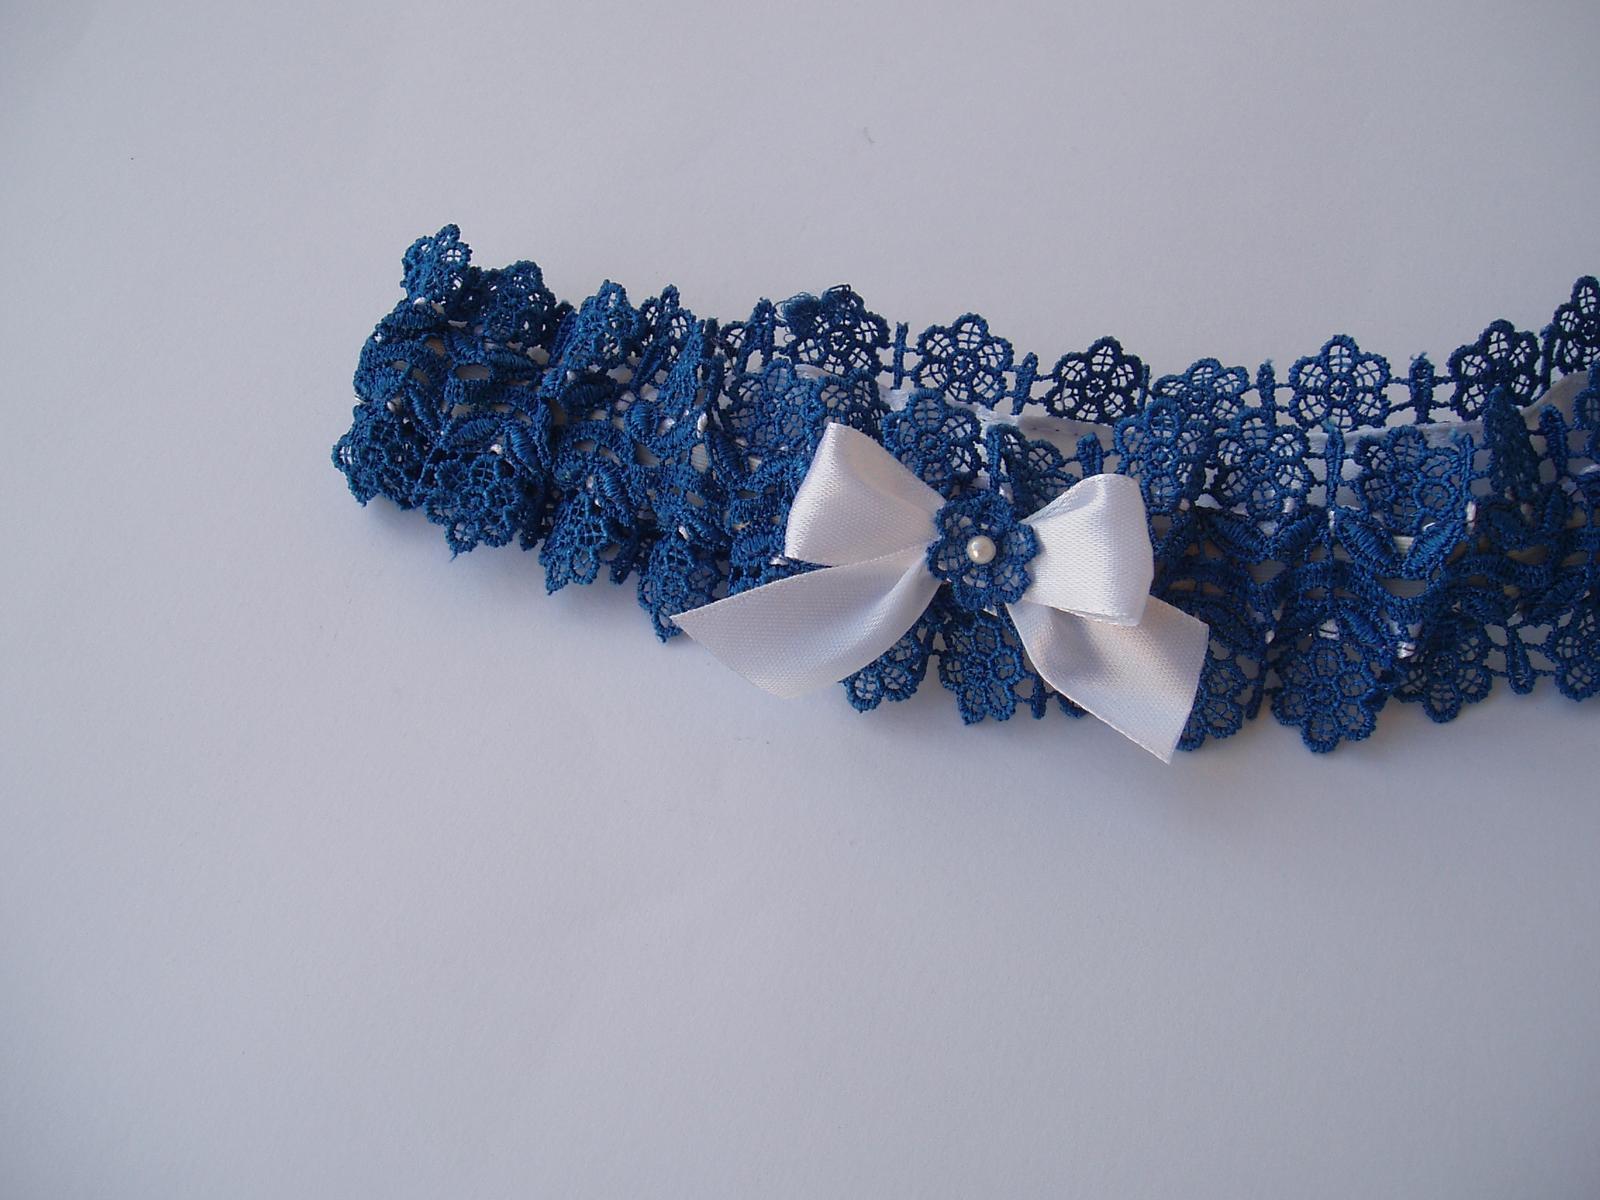 modrý podvazek s mašličkou - Obrázek č. 3